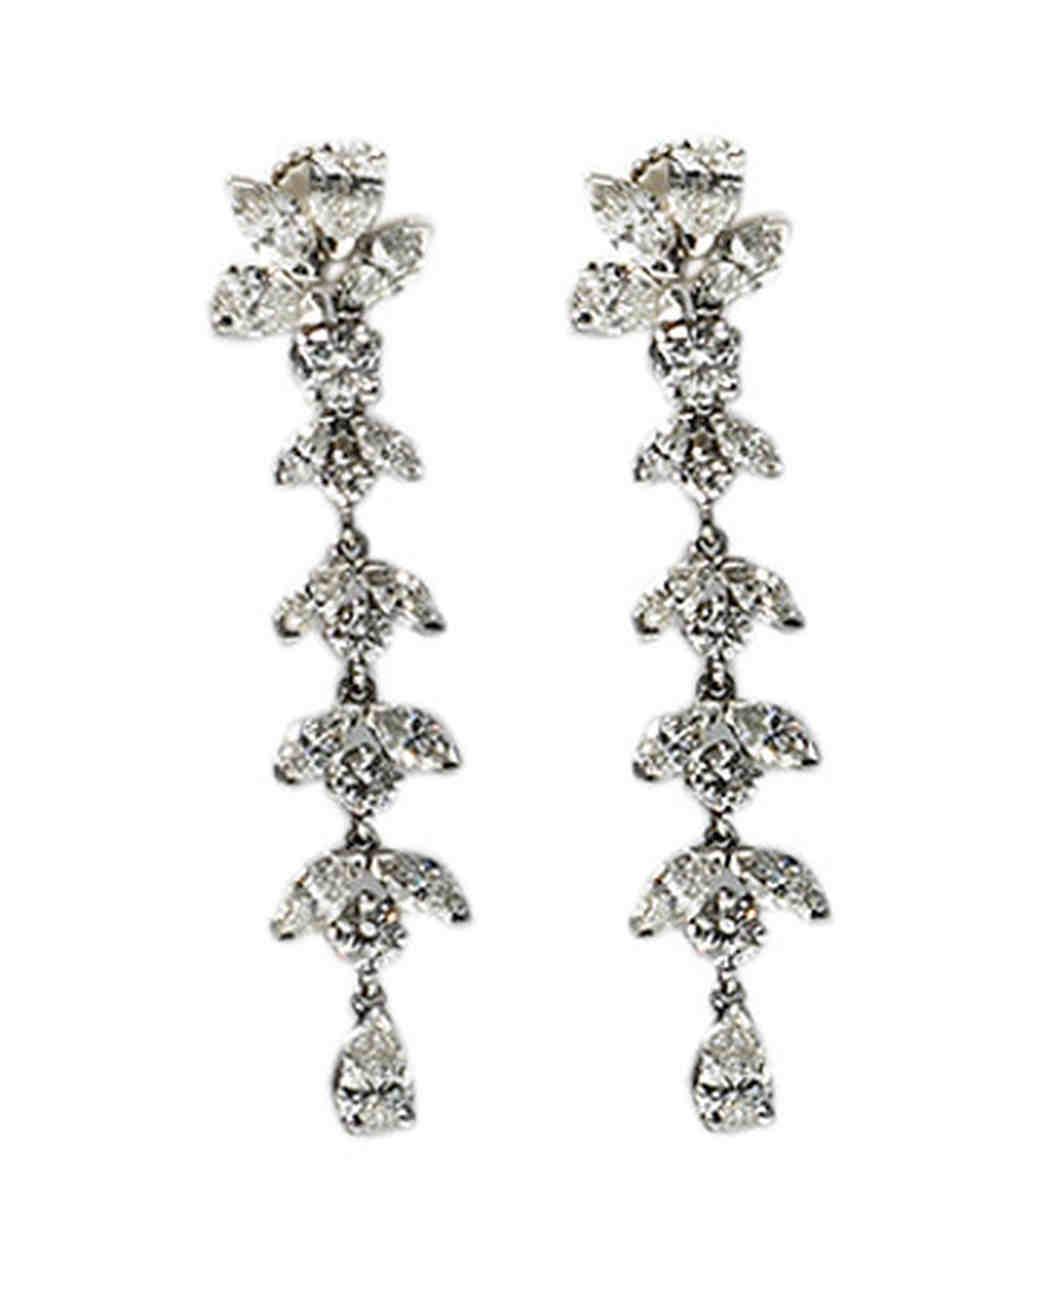 wd104606_spr09_jewelry54.jpg